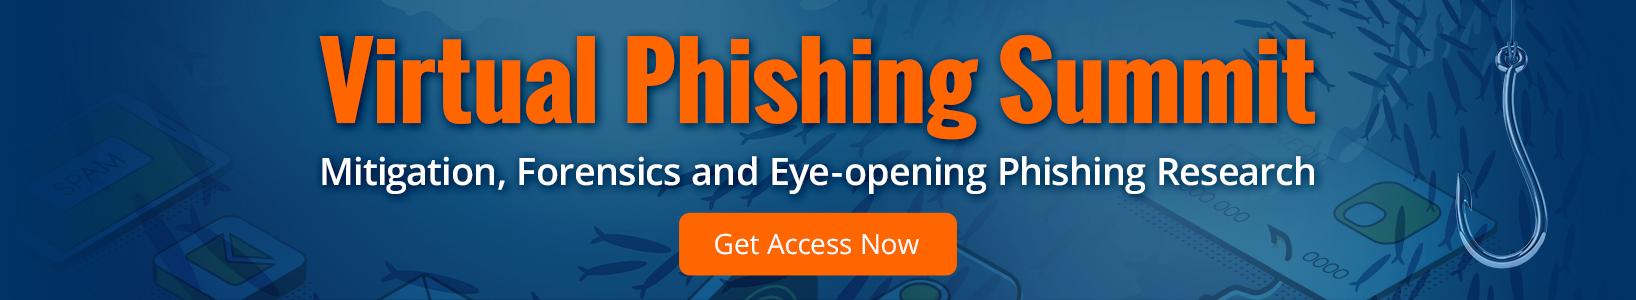 Virtual Phishing Summit